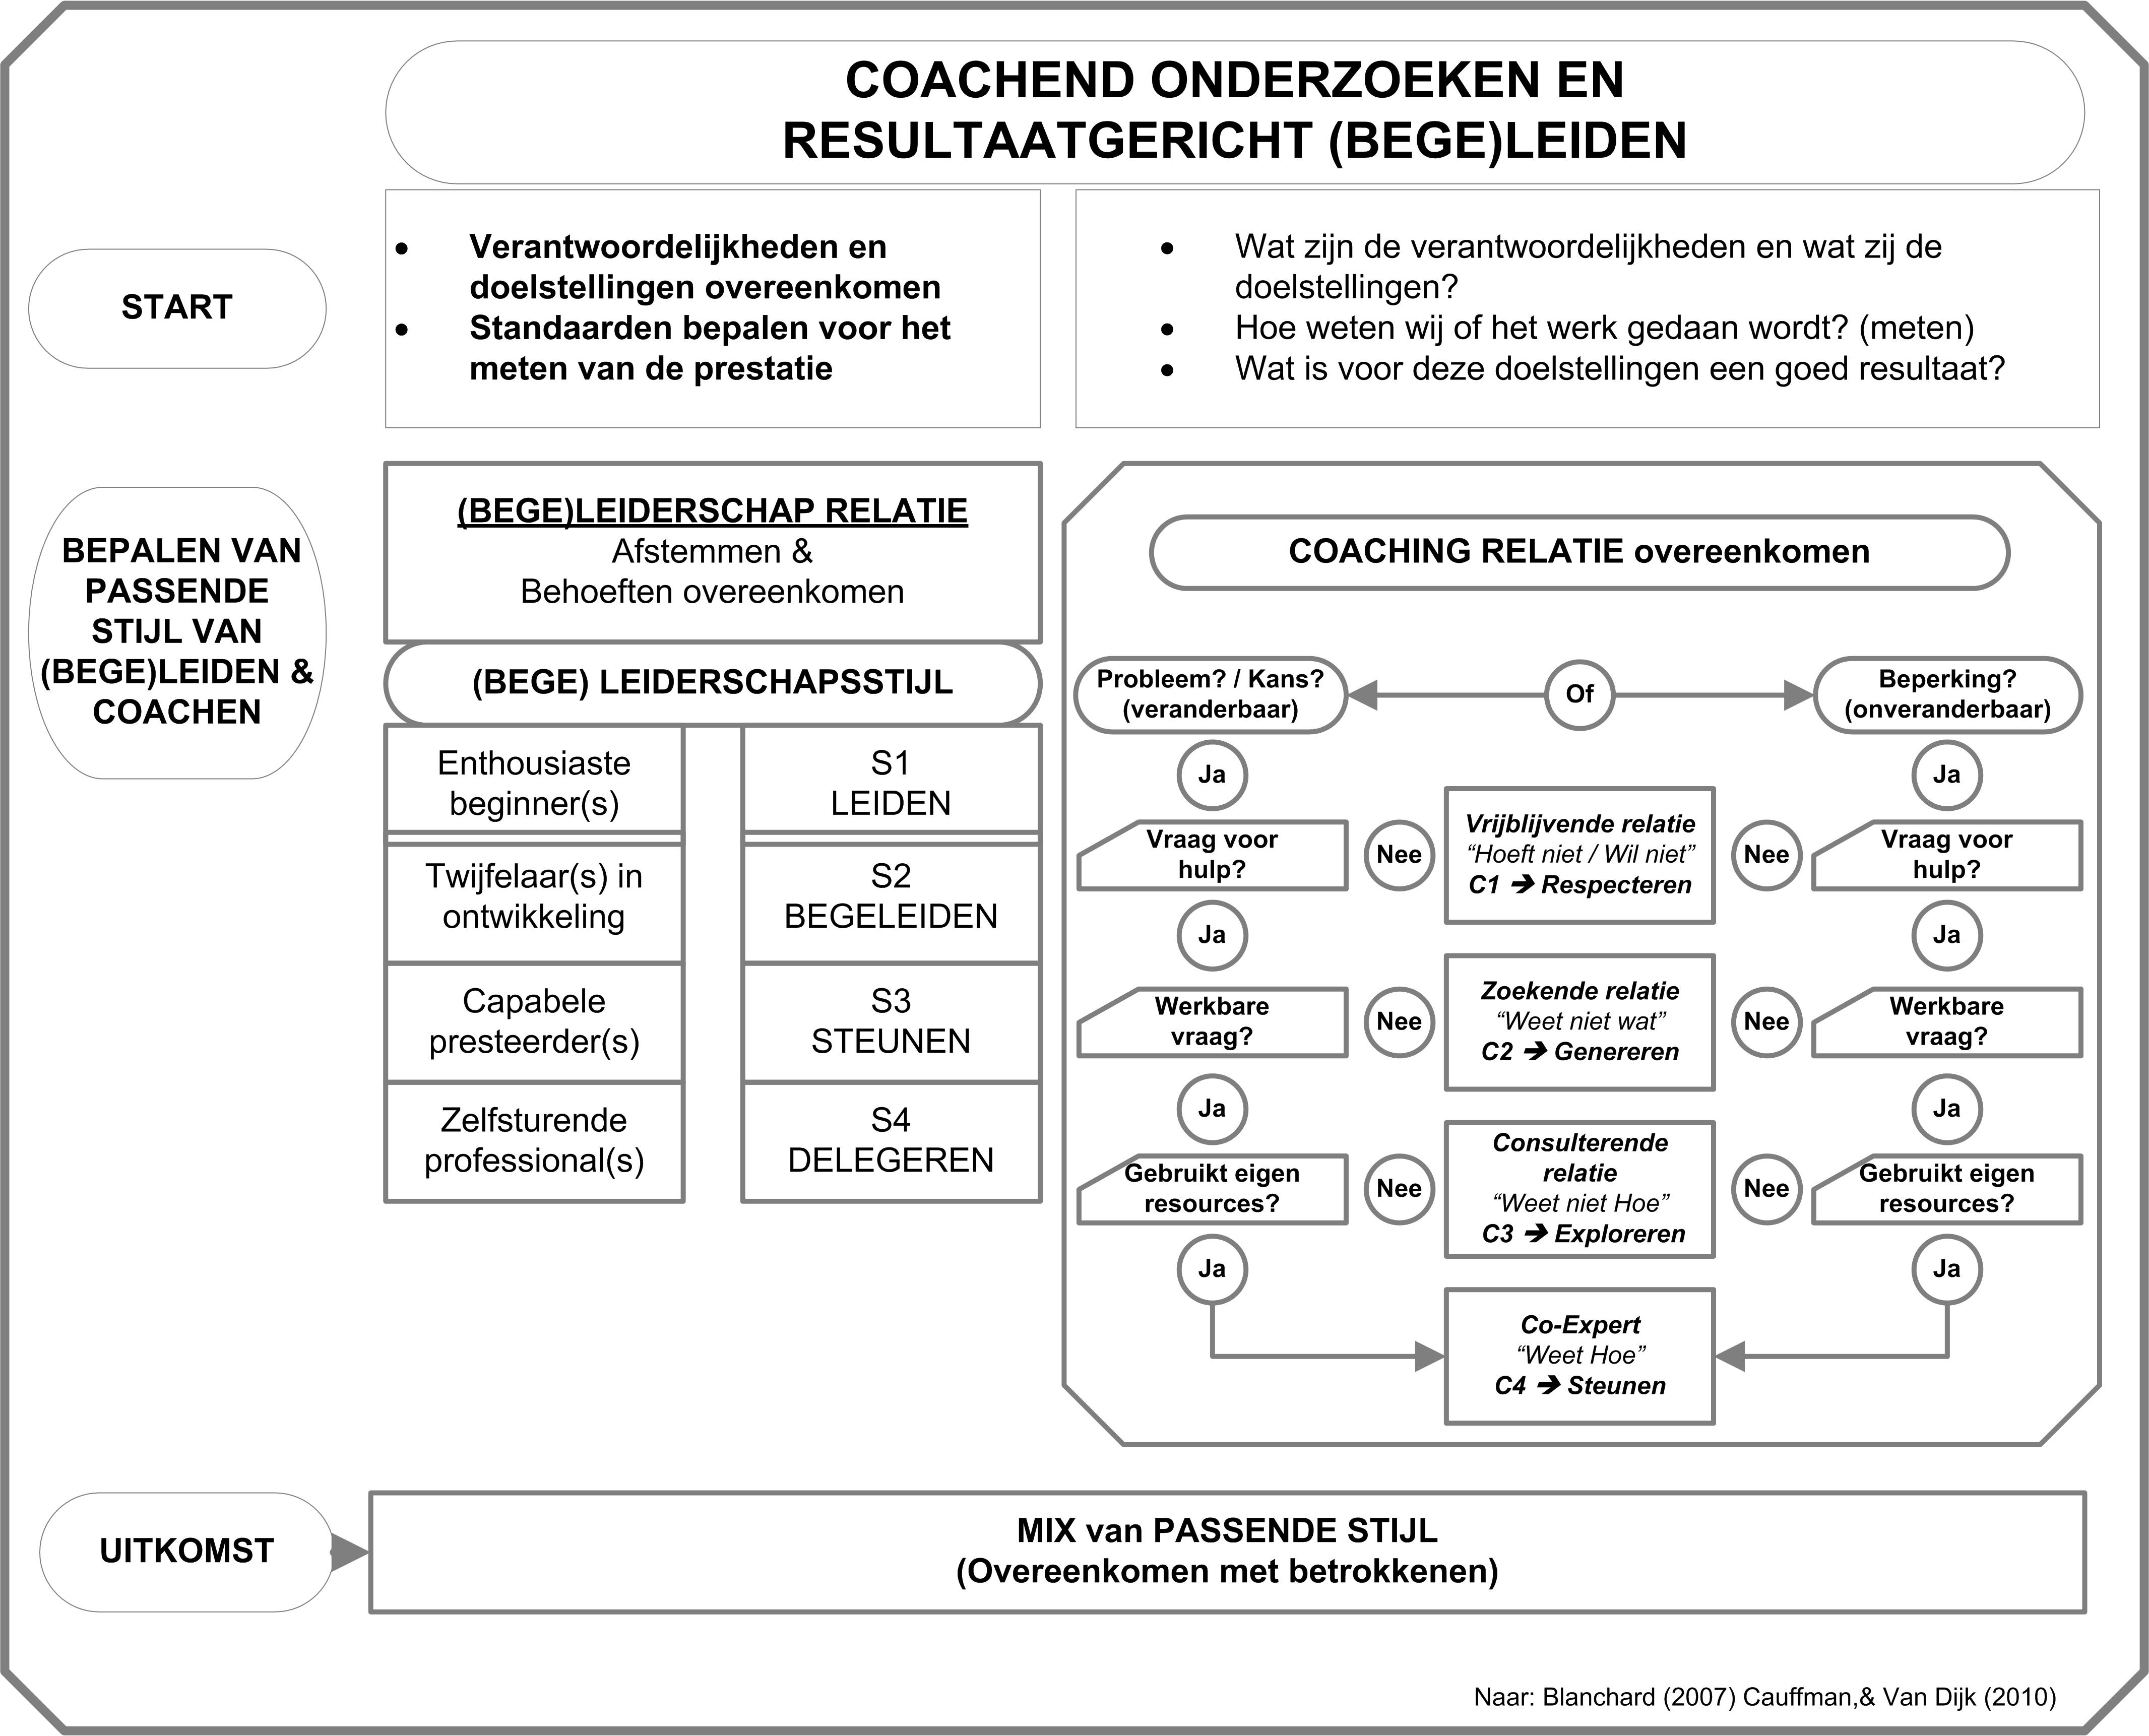 32_Vlaming, Willem de_2016_01_De Coachende Onderzoeker_004 Figuur 2